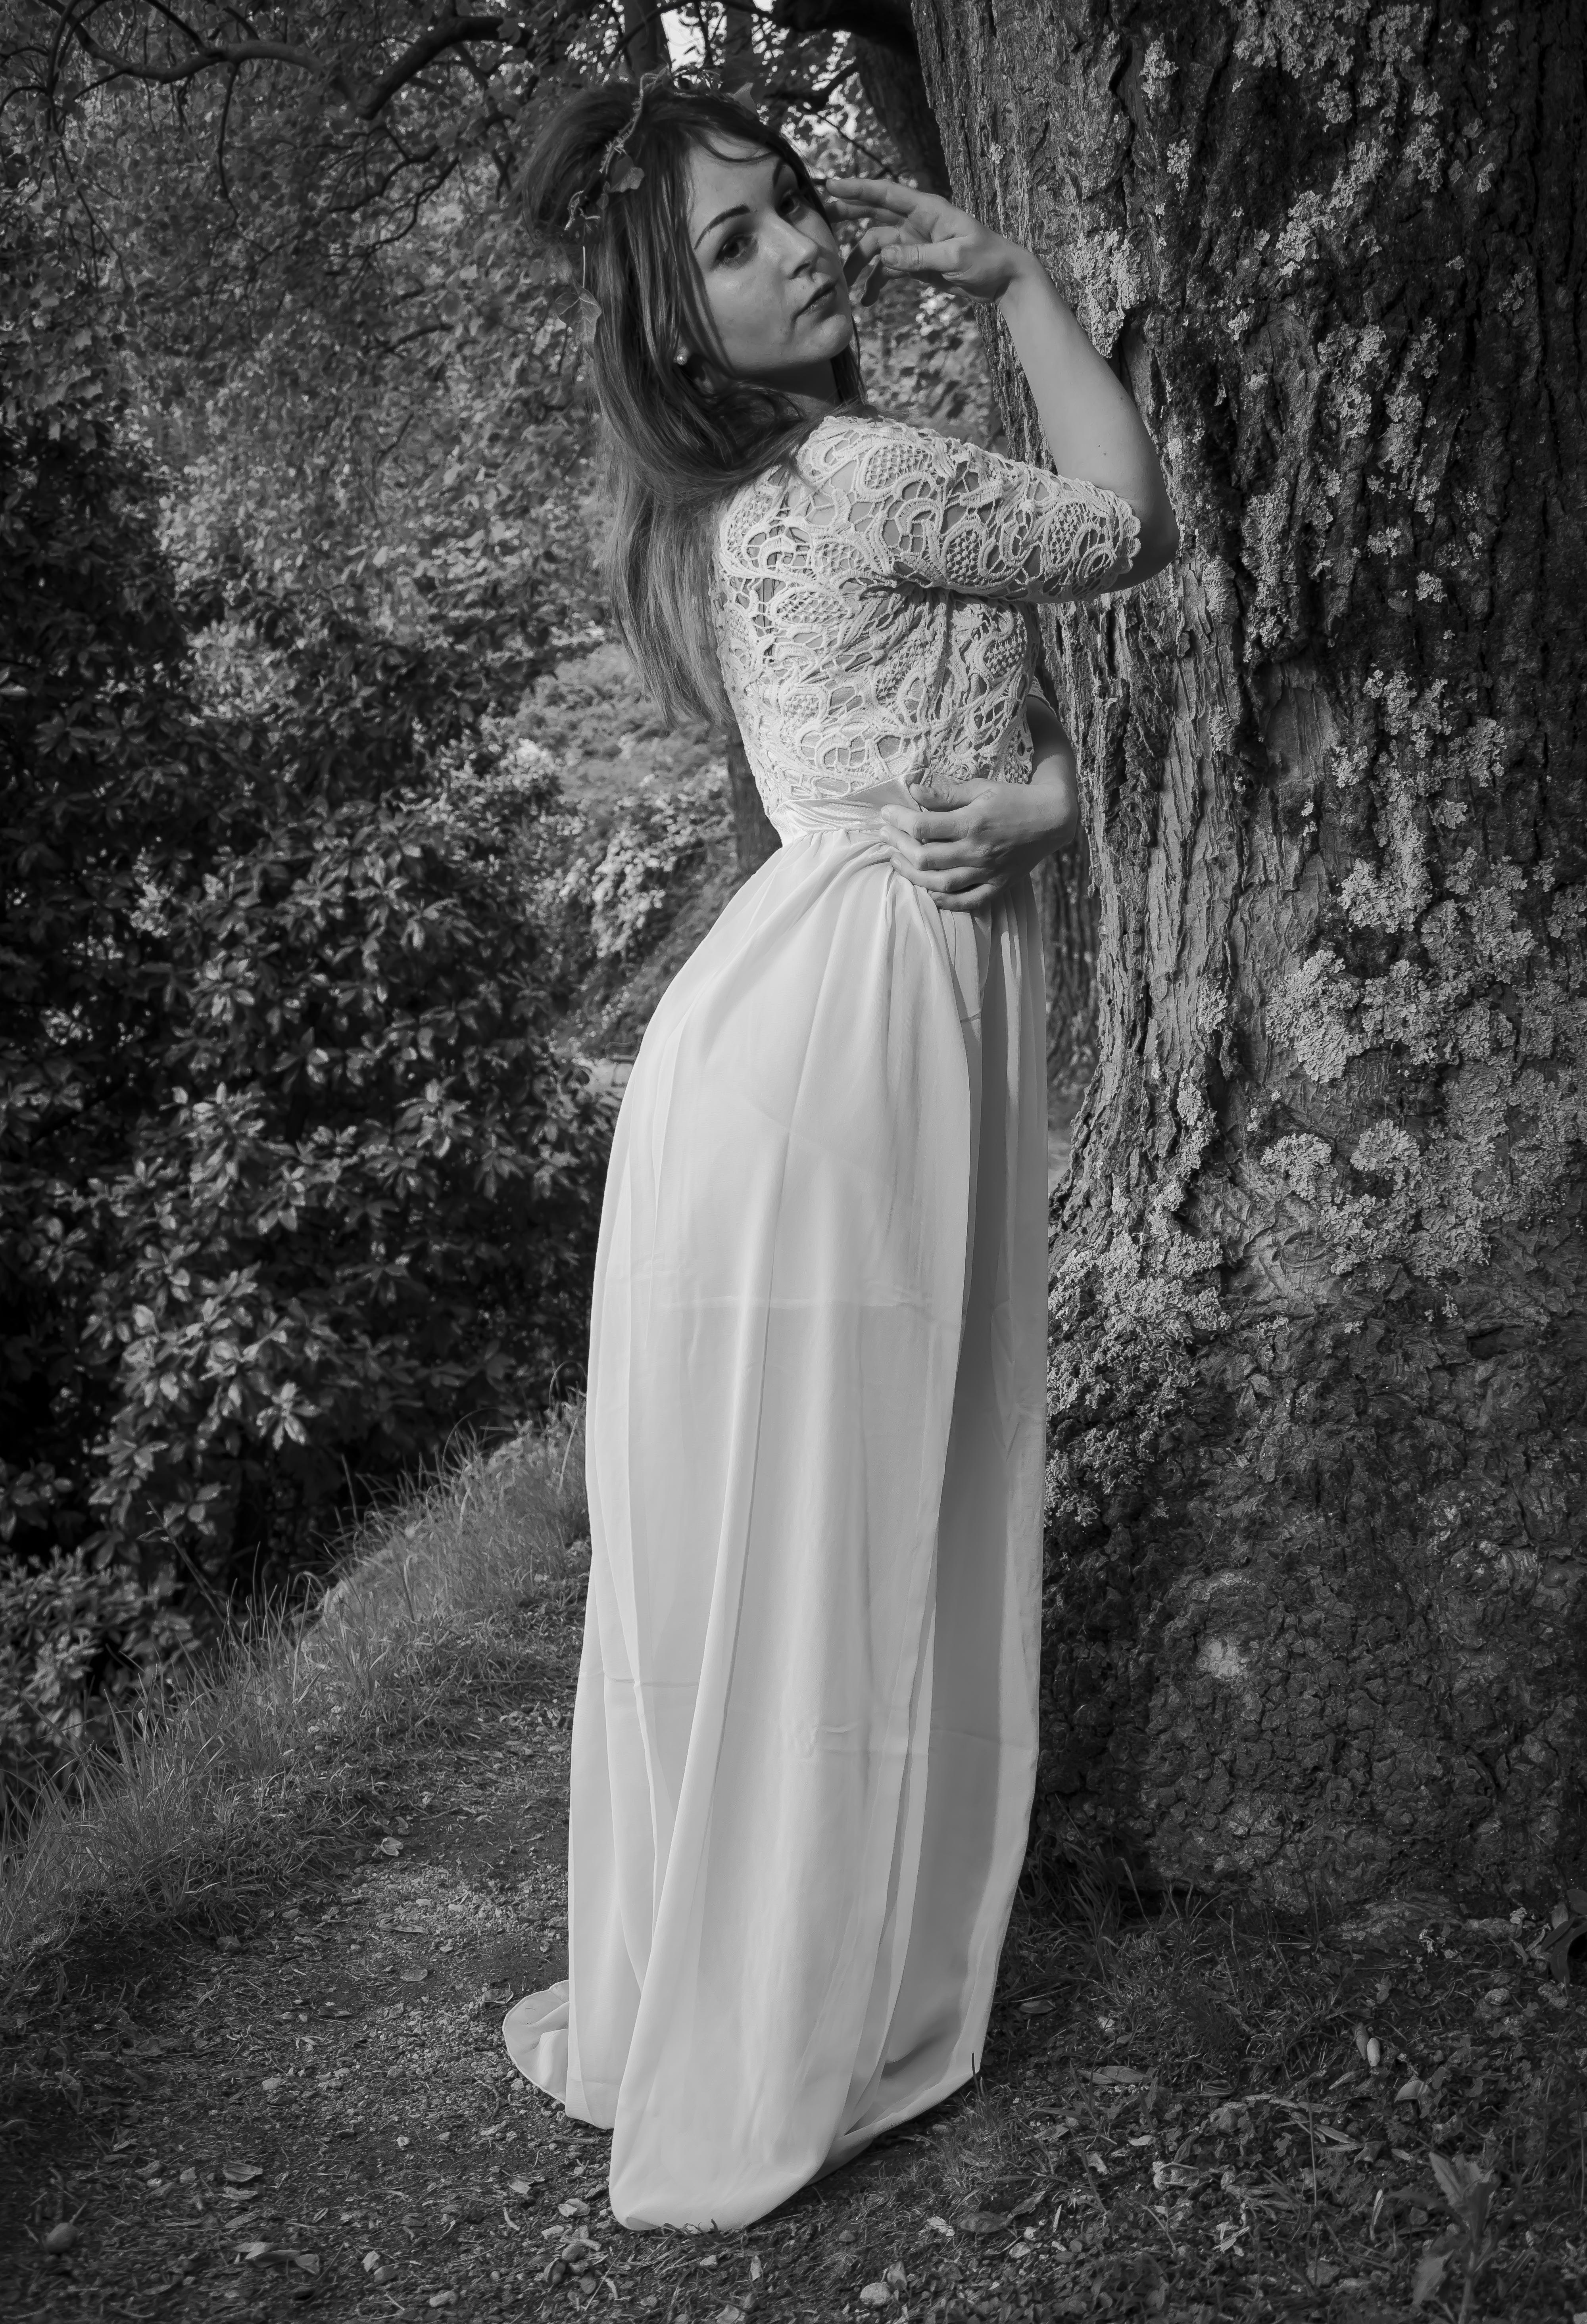 model: Saula Astesano